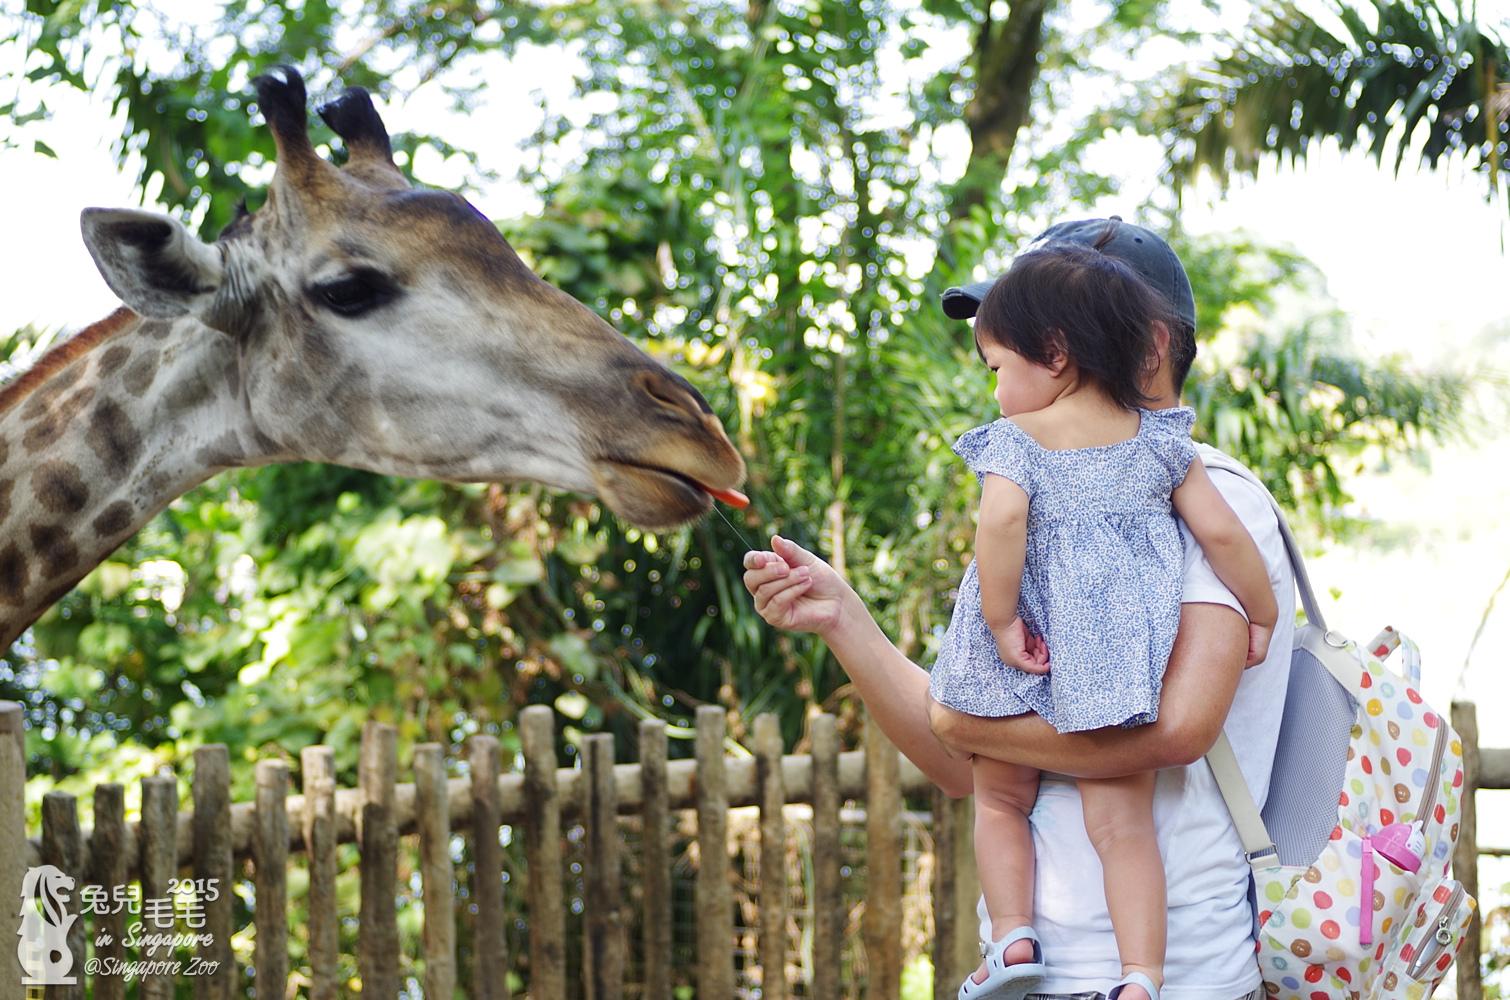 0218-Singapore Zoo-16.jpg